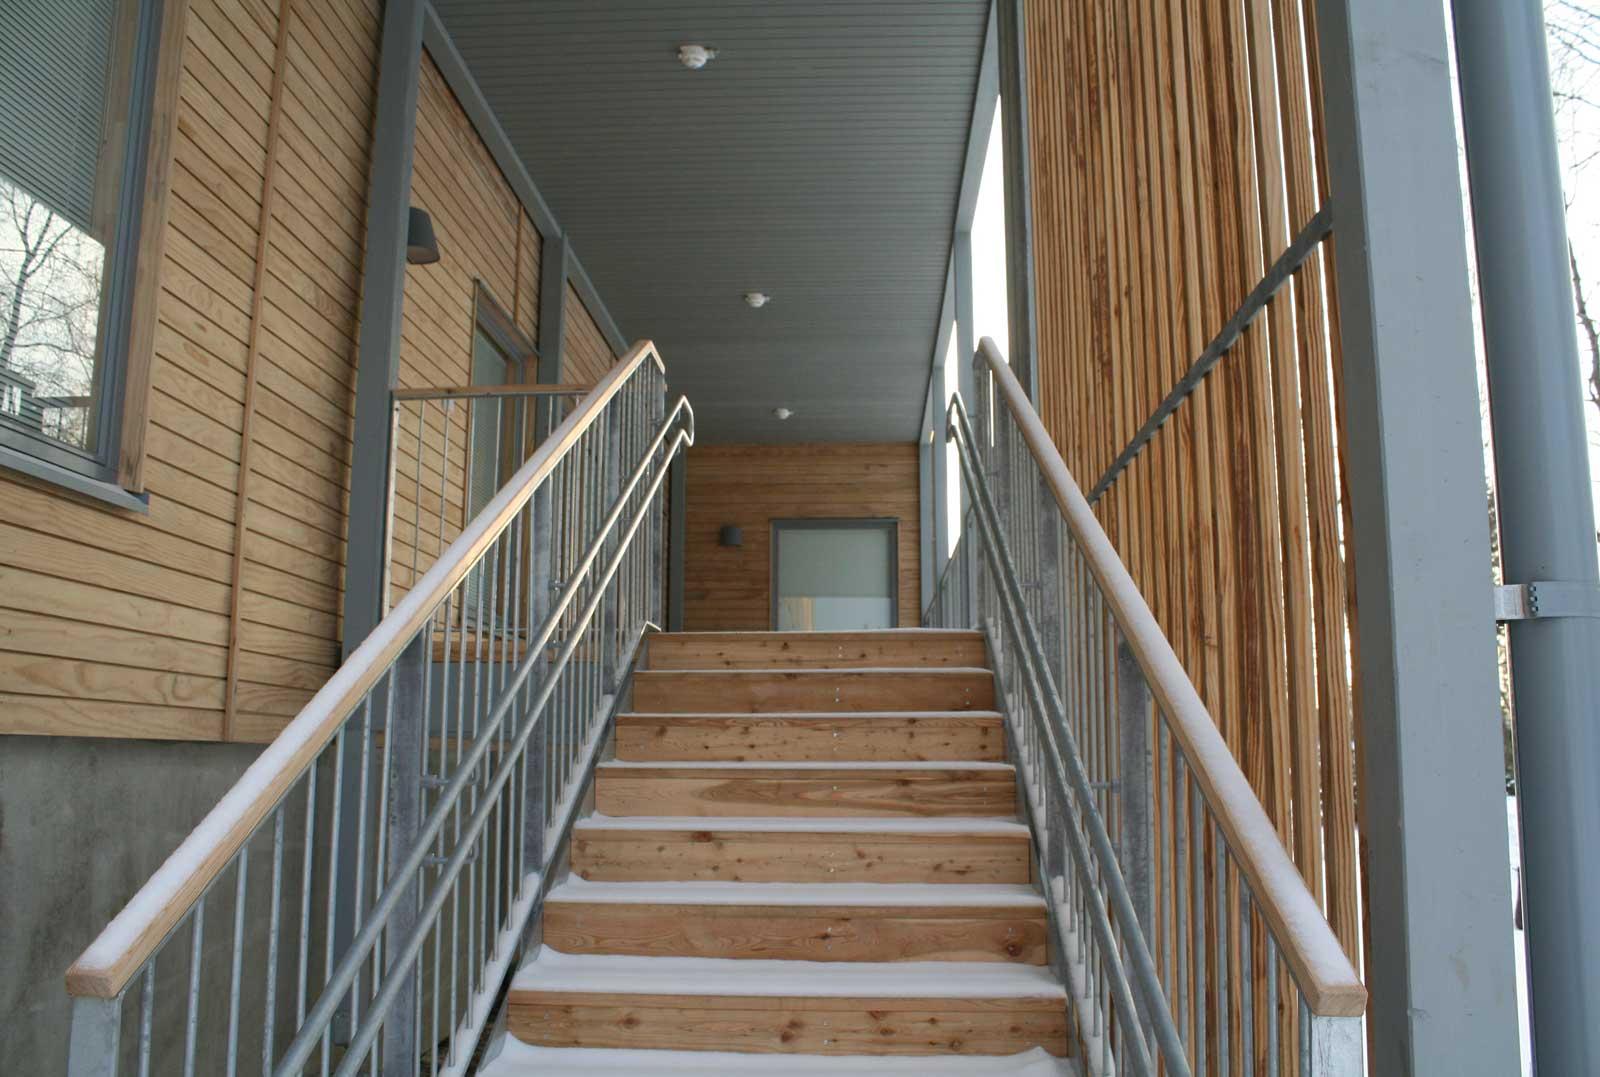 Näkymä aurinkolinnan takaterassille portaiden juurelta, portaat eivät ole Accoyaa. Sen huomaa oksista. Accoya on lähes täysin oksatonta.